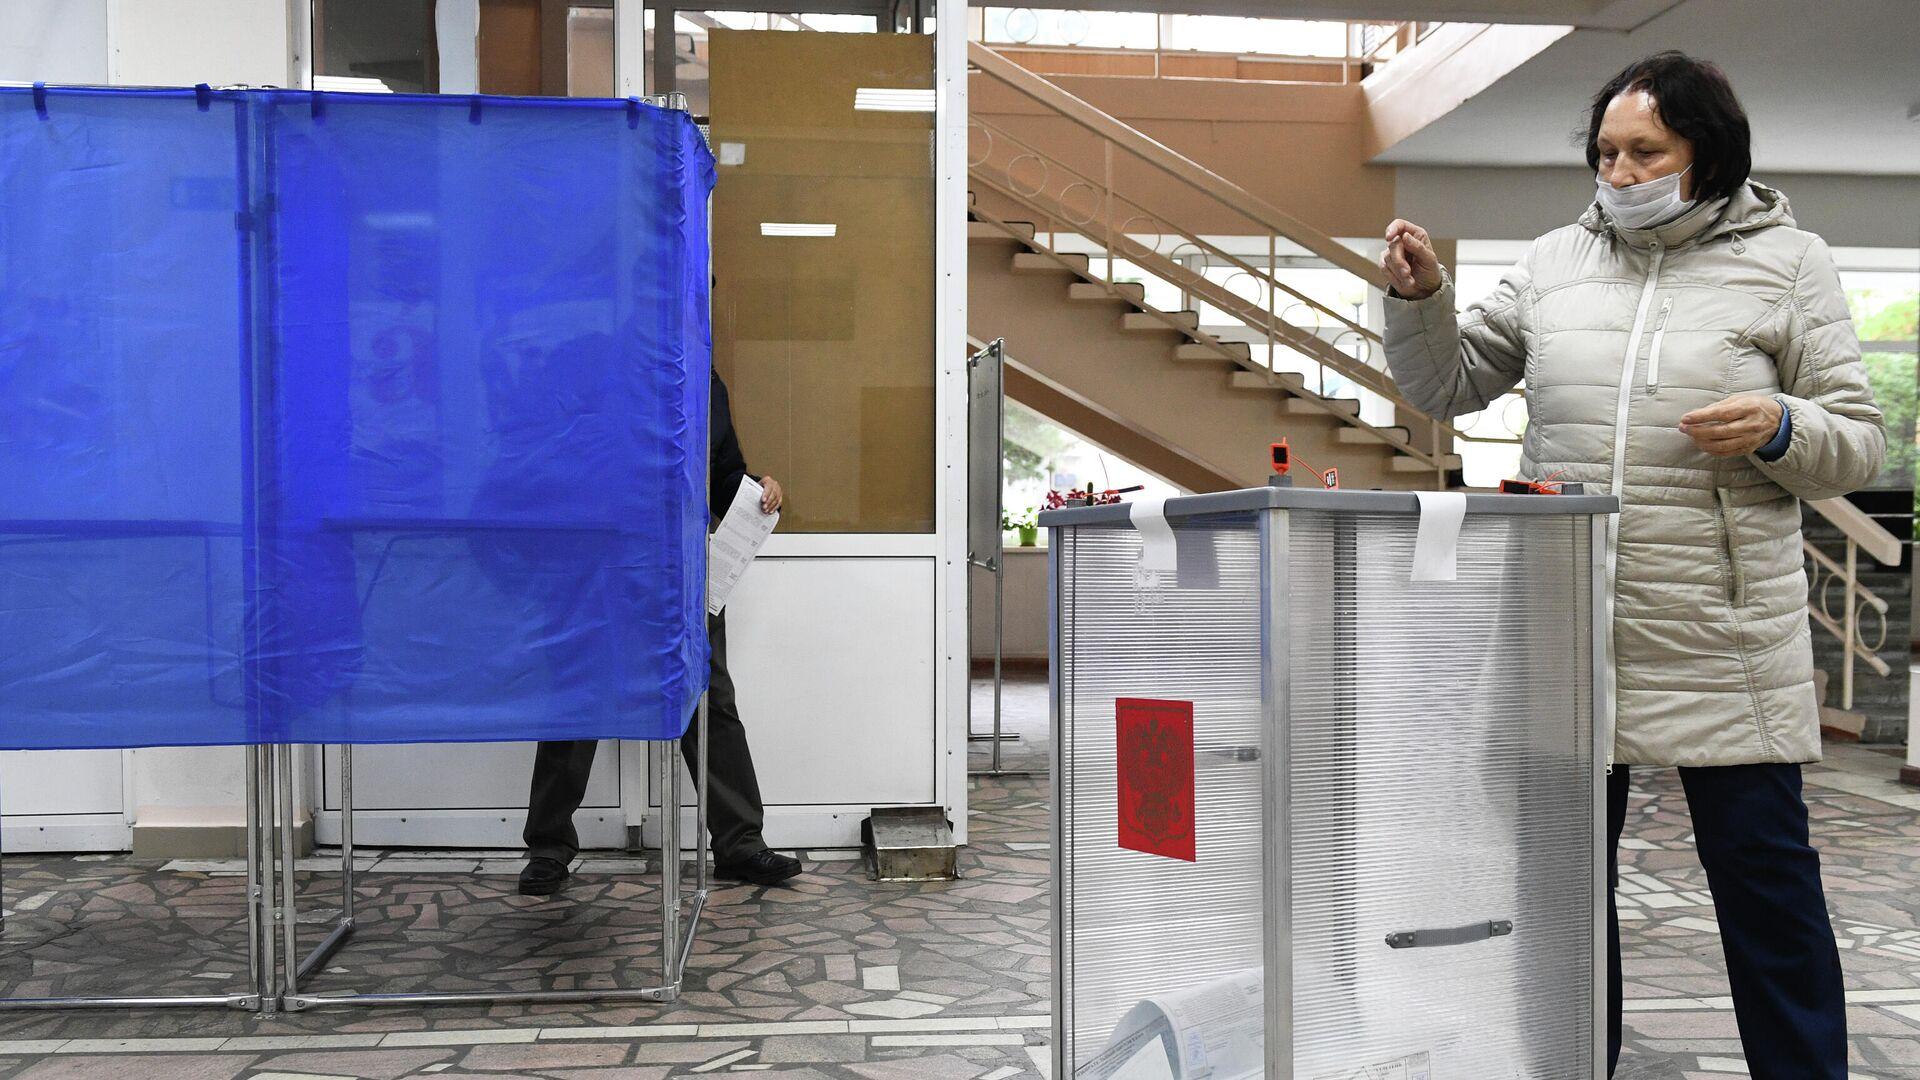 Женщина голосует на выборах губернатора Иркутской области на избирательном участке в Иркутске - РИА Новости, 1920, 13.09.2020